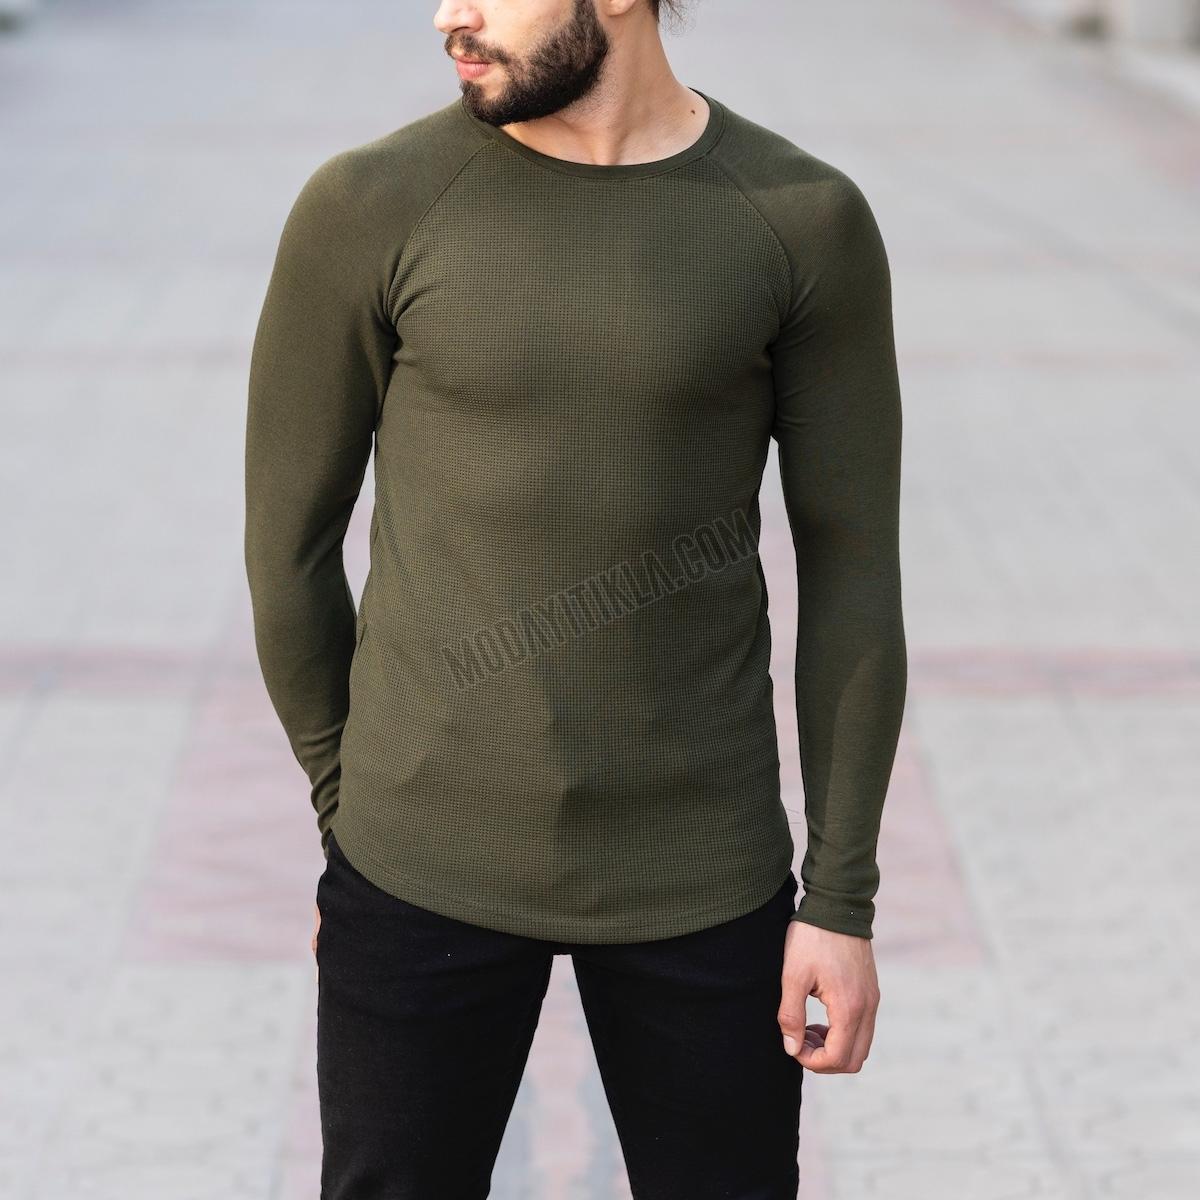 Erkek Gövdesi İşlemeli Detaylı Haki Sweatshirt